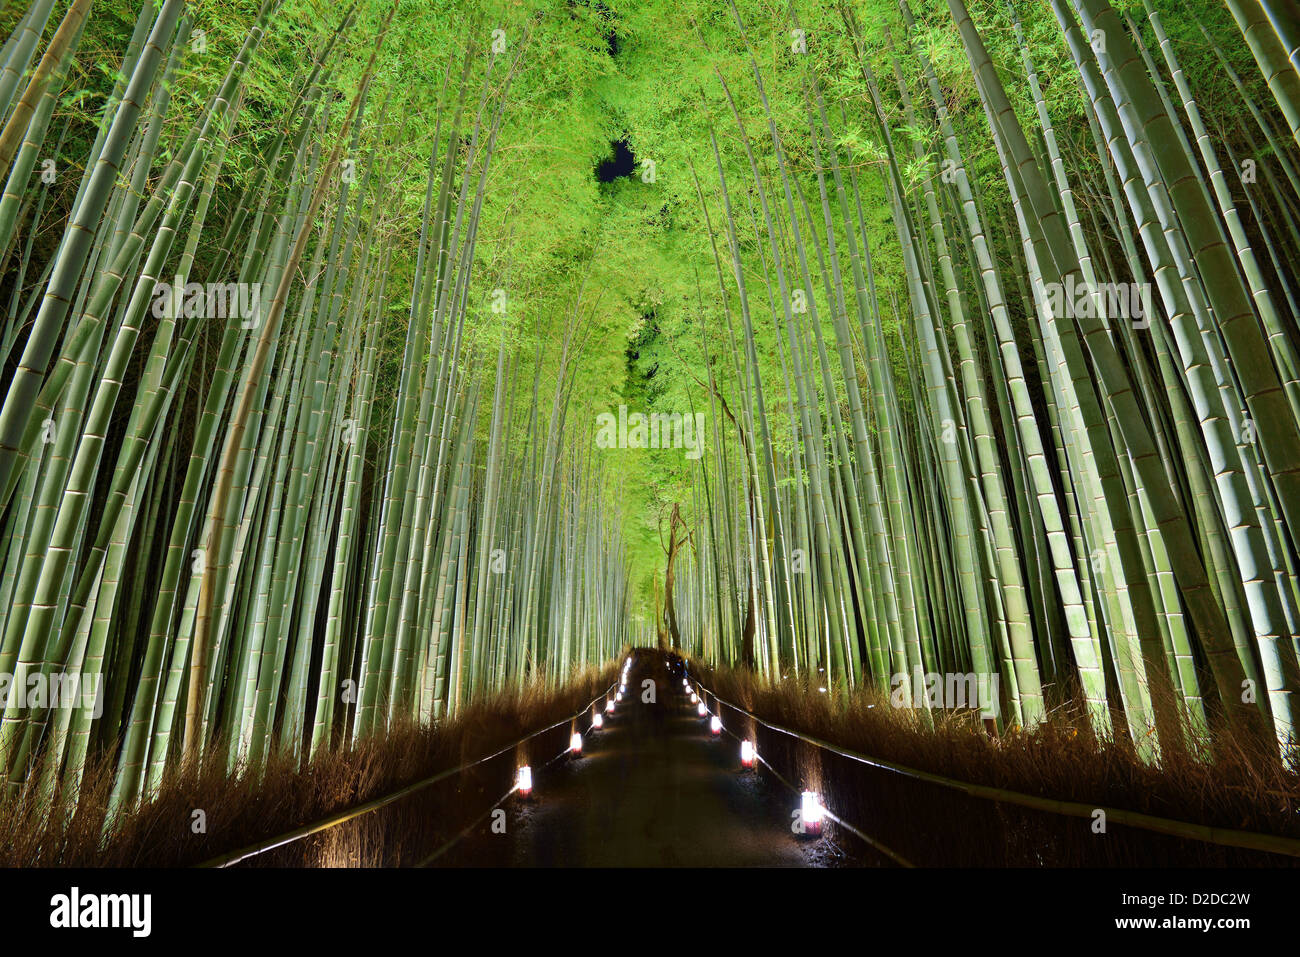 El bosque de bambú de Kyoto, Japón. Imagen De Stock